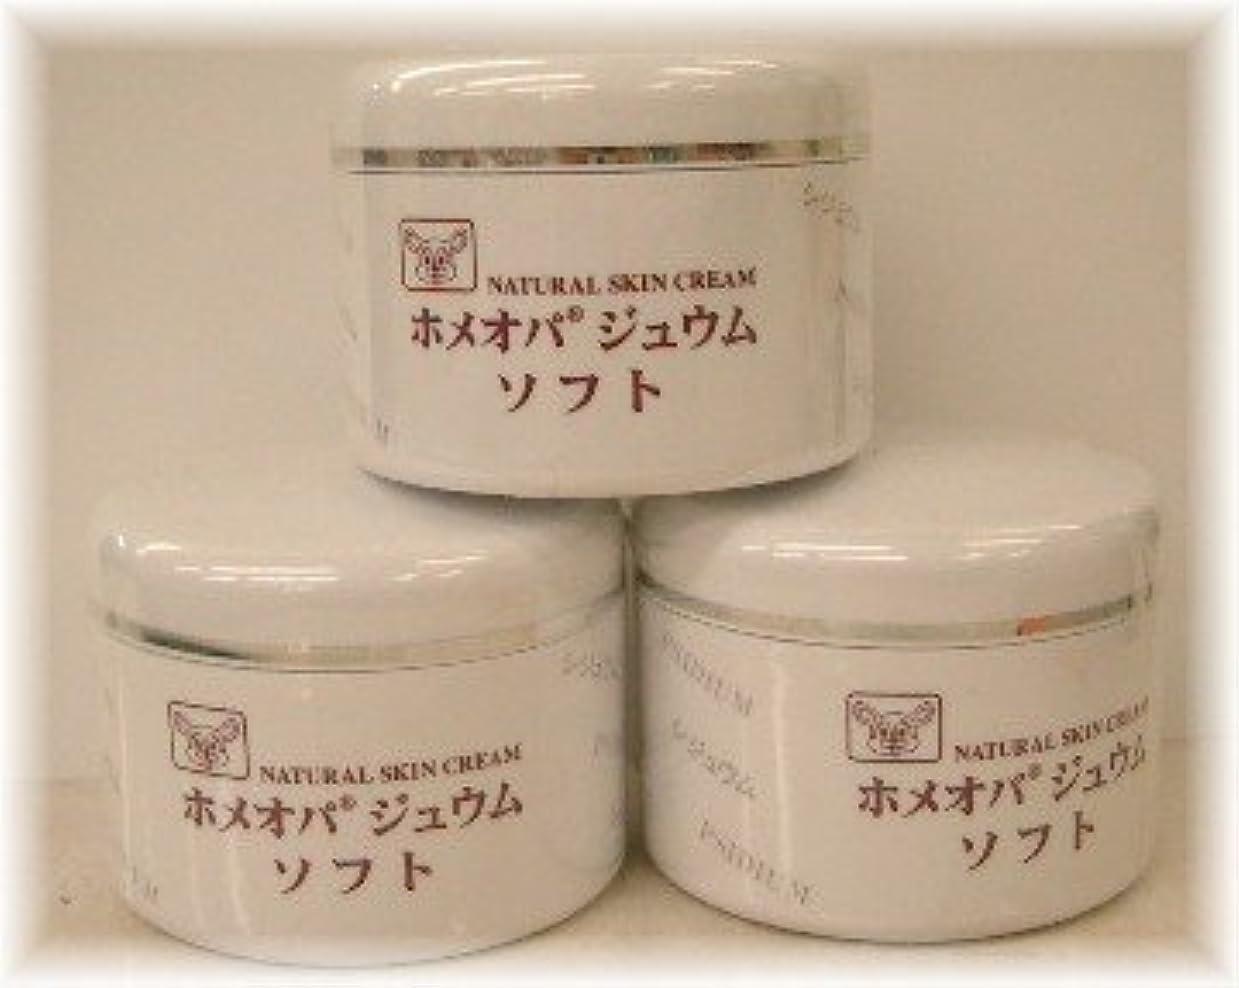 マラドロイト黙サイクロプスホメオパジュウム スキンケア商品3点¥10500クリームソフトx3個